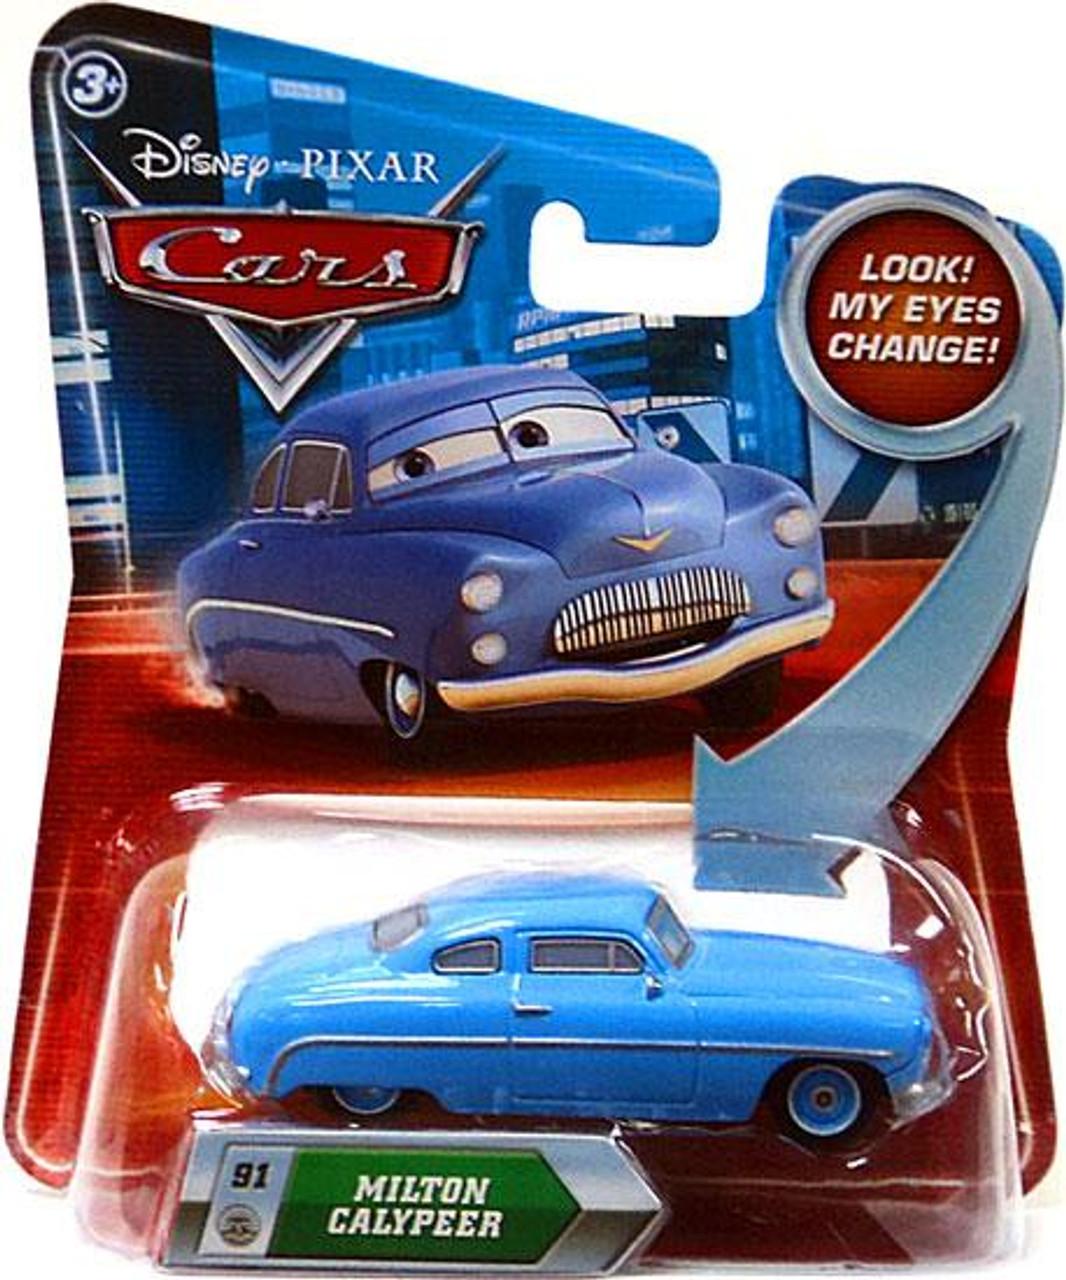 Disney Cars Lenticular Eyes Series 2 Milton Calypeer Diecast Car